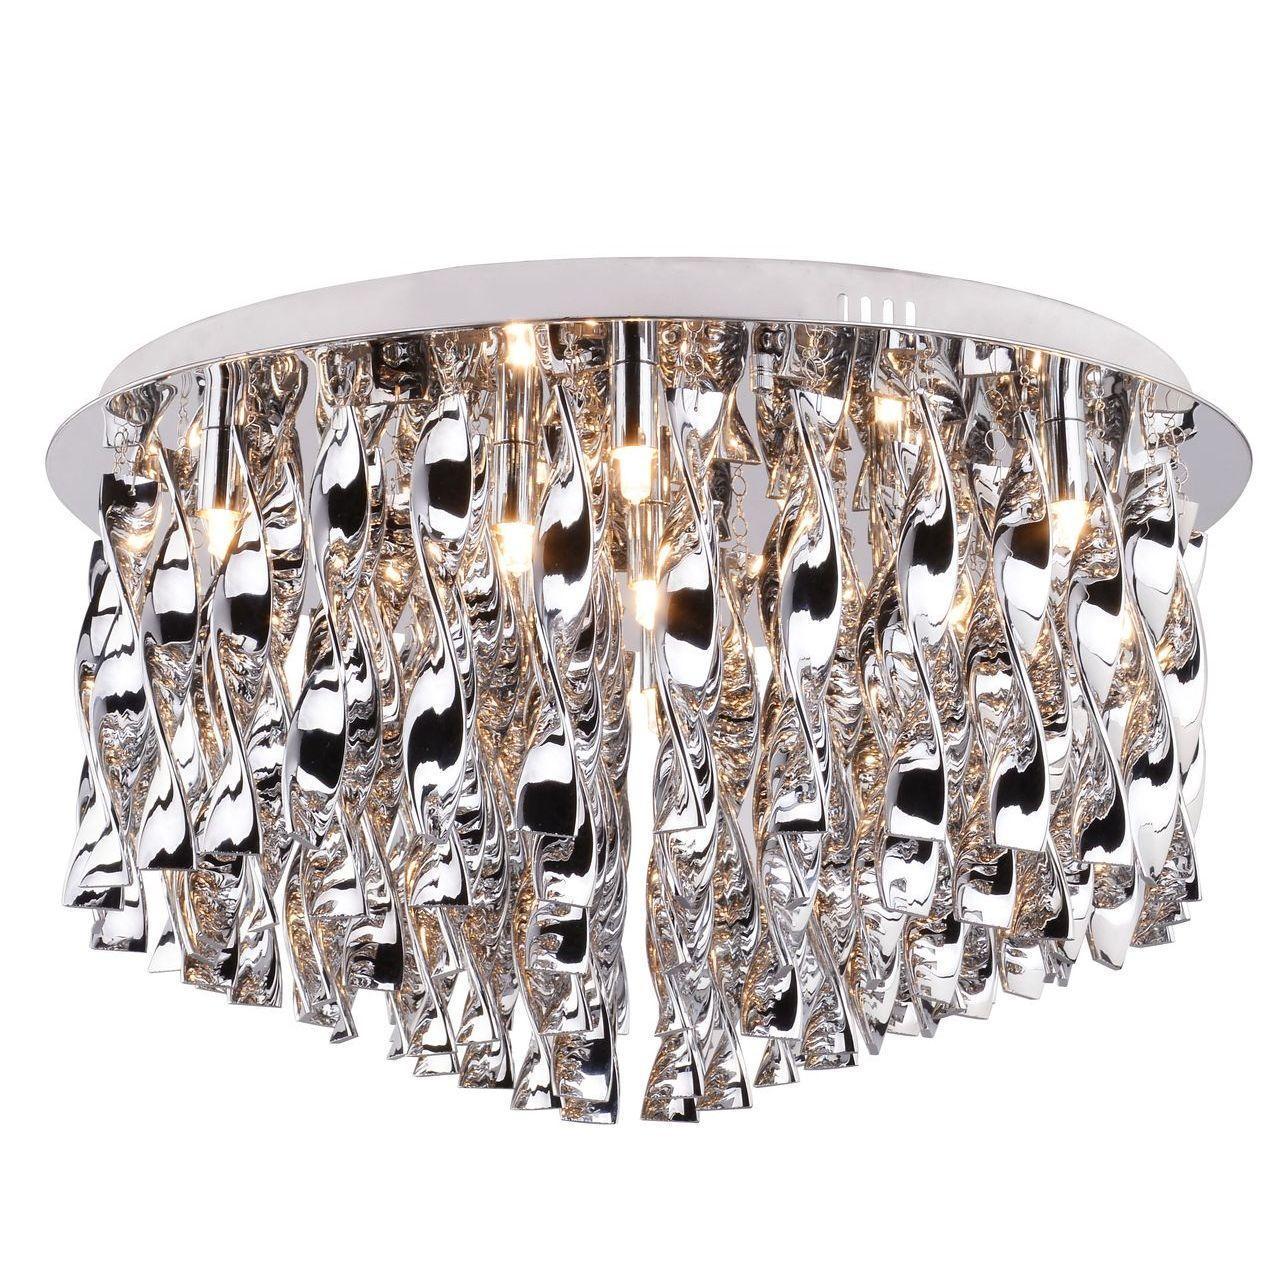 Потолочный светильник Arte Lamp Fuochi A8107PL-10CC arte lamp люстра на штанге arte lamp palla a9162lm 10cc